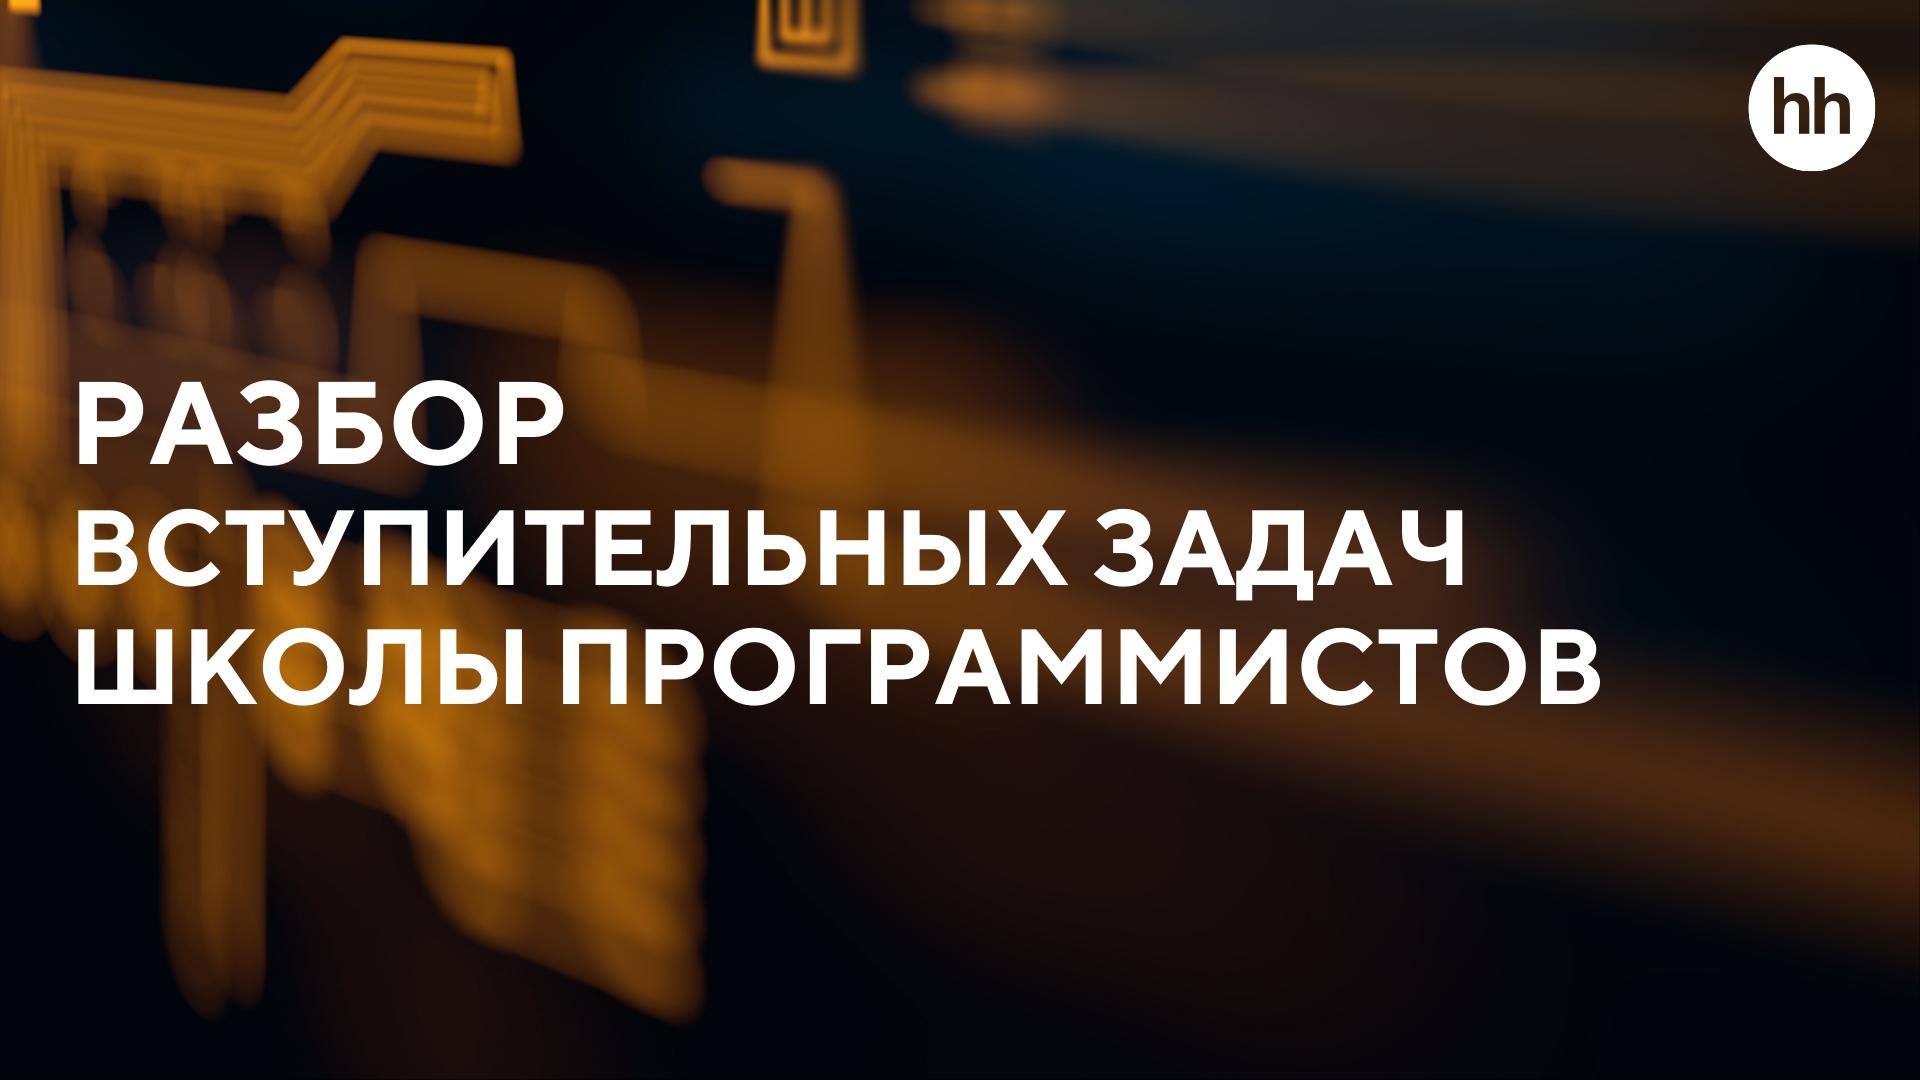 Разбор вступительных задач Школы Программистов hh.ru